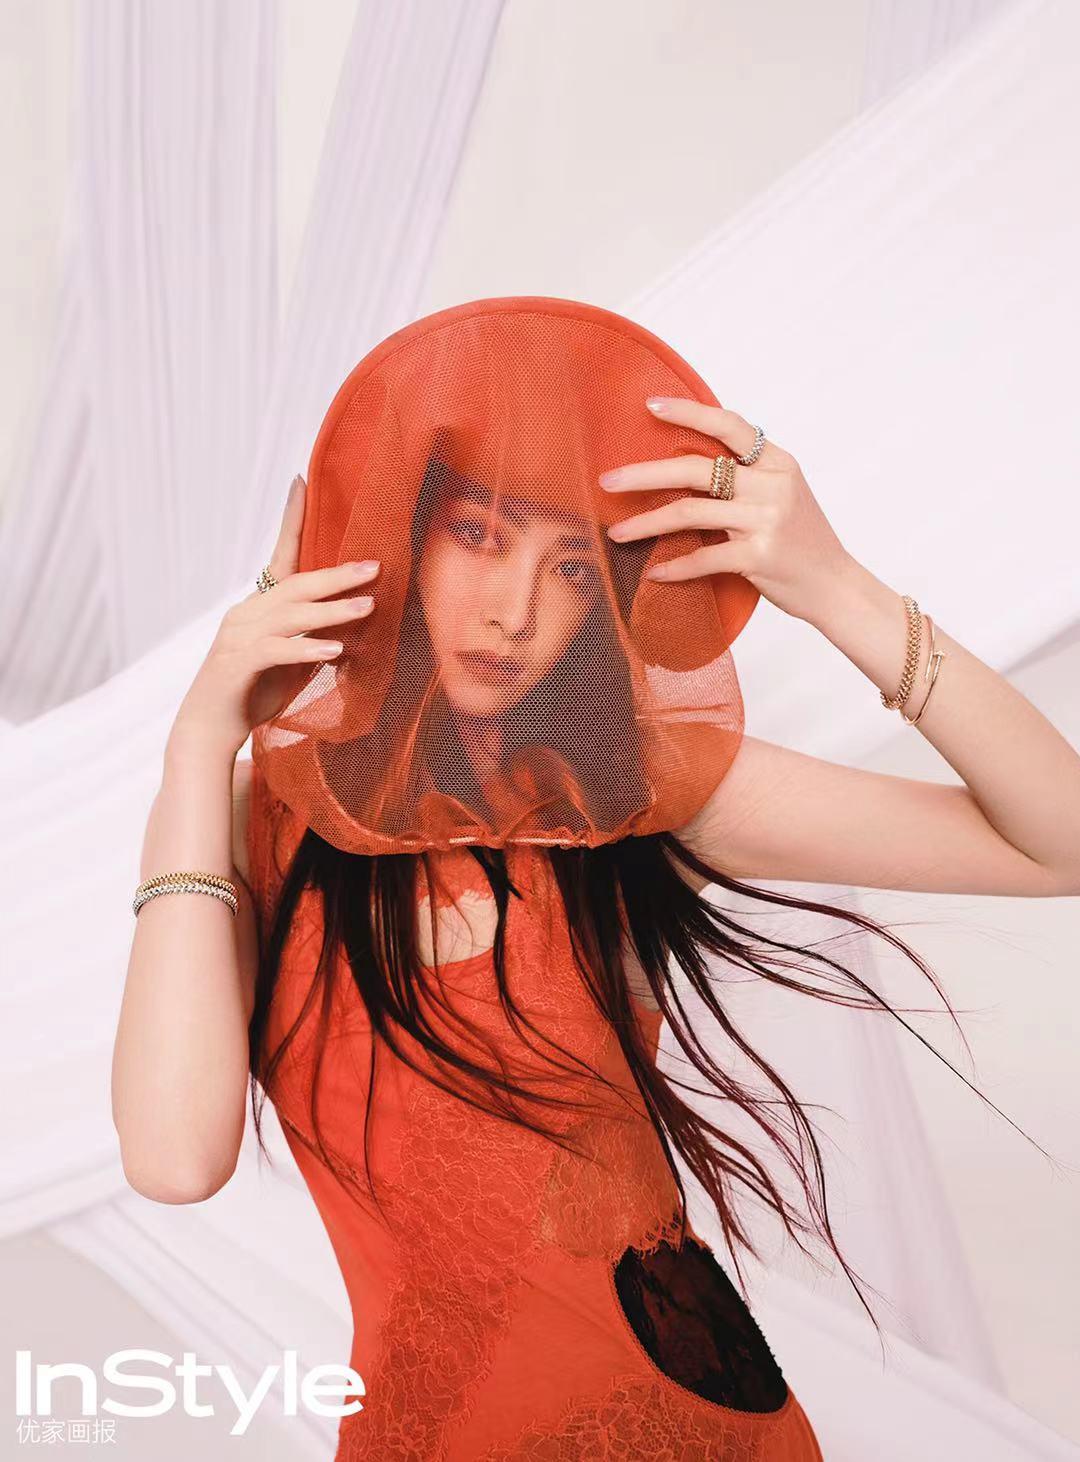 宋茜挑染红发造型登杂志封面 冷艳美飒上演眼神杀